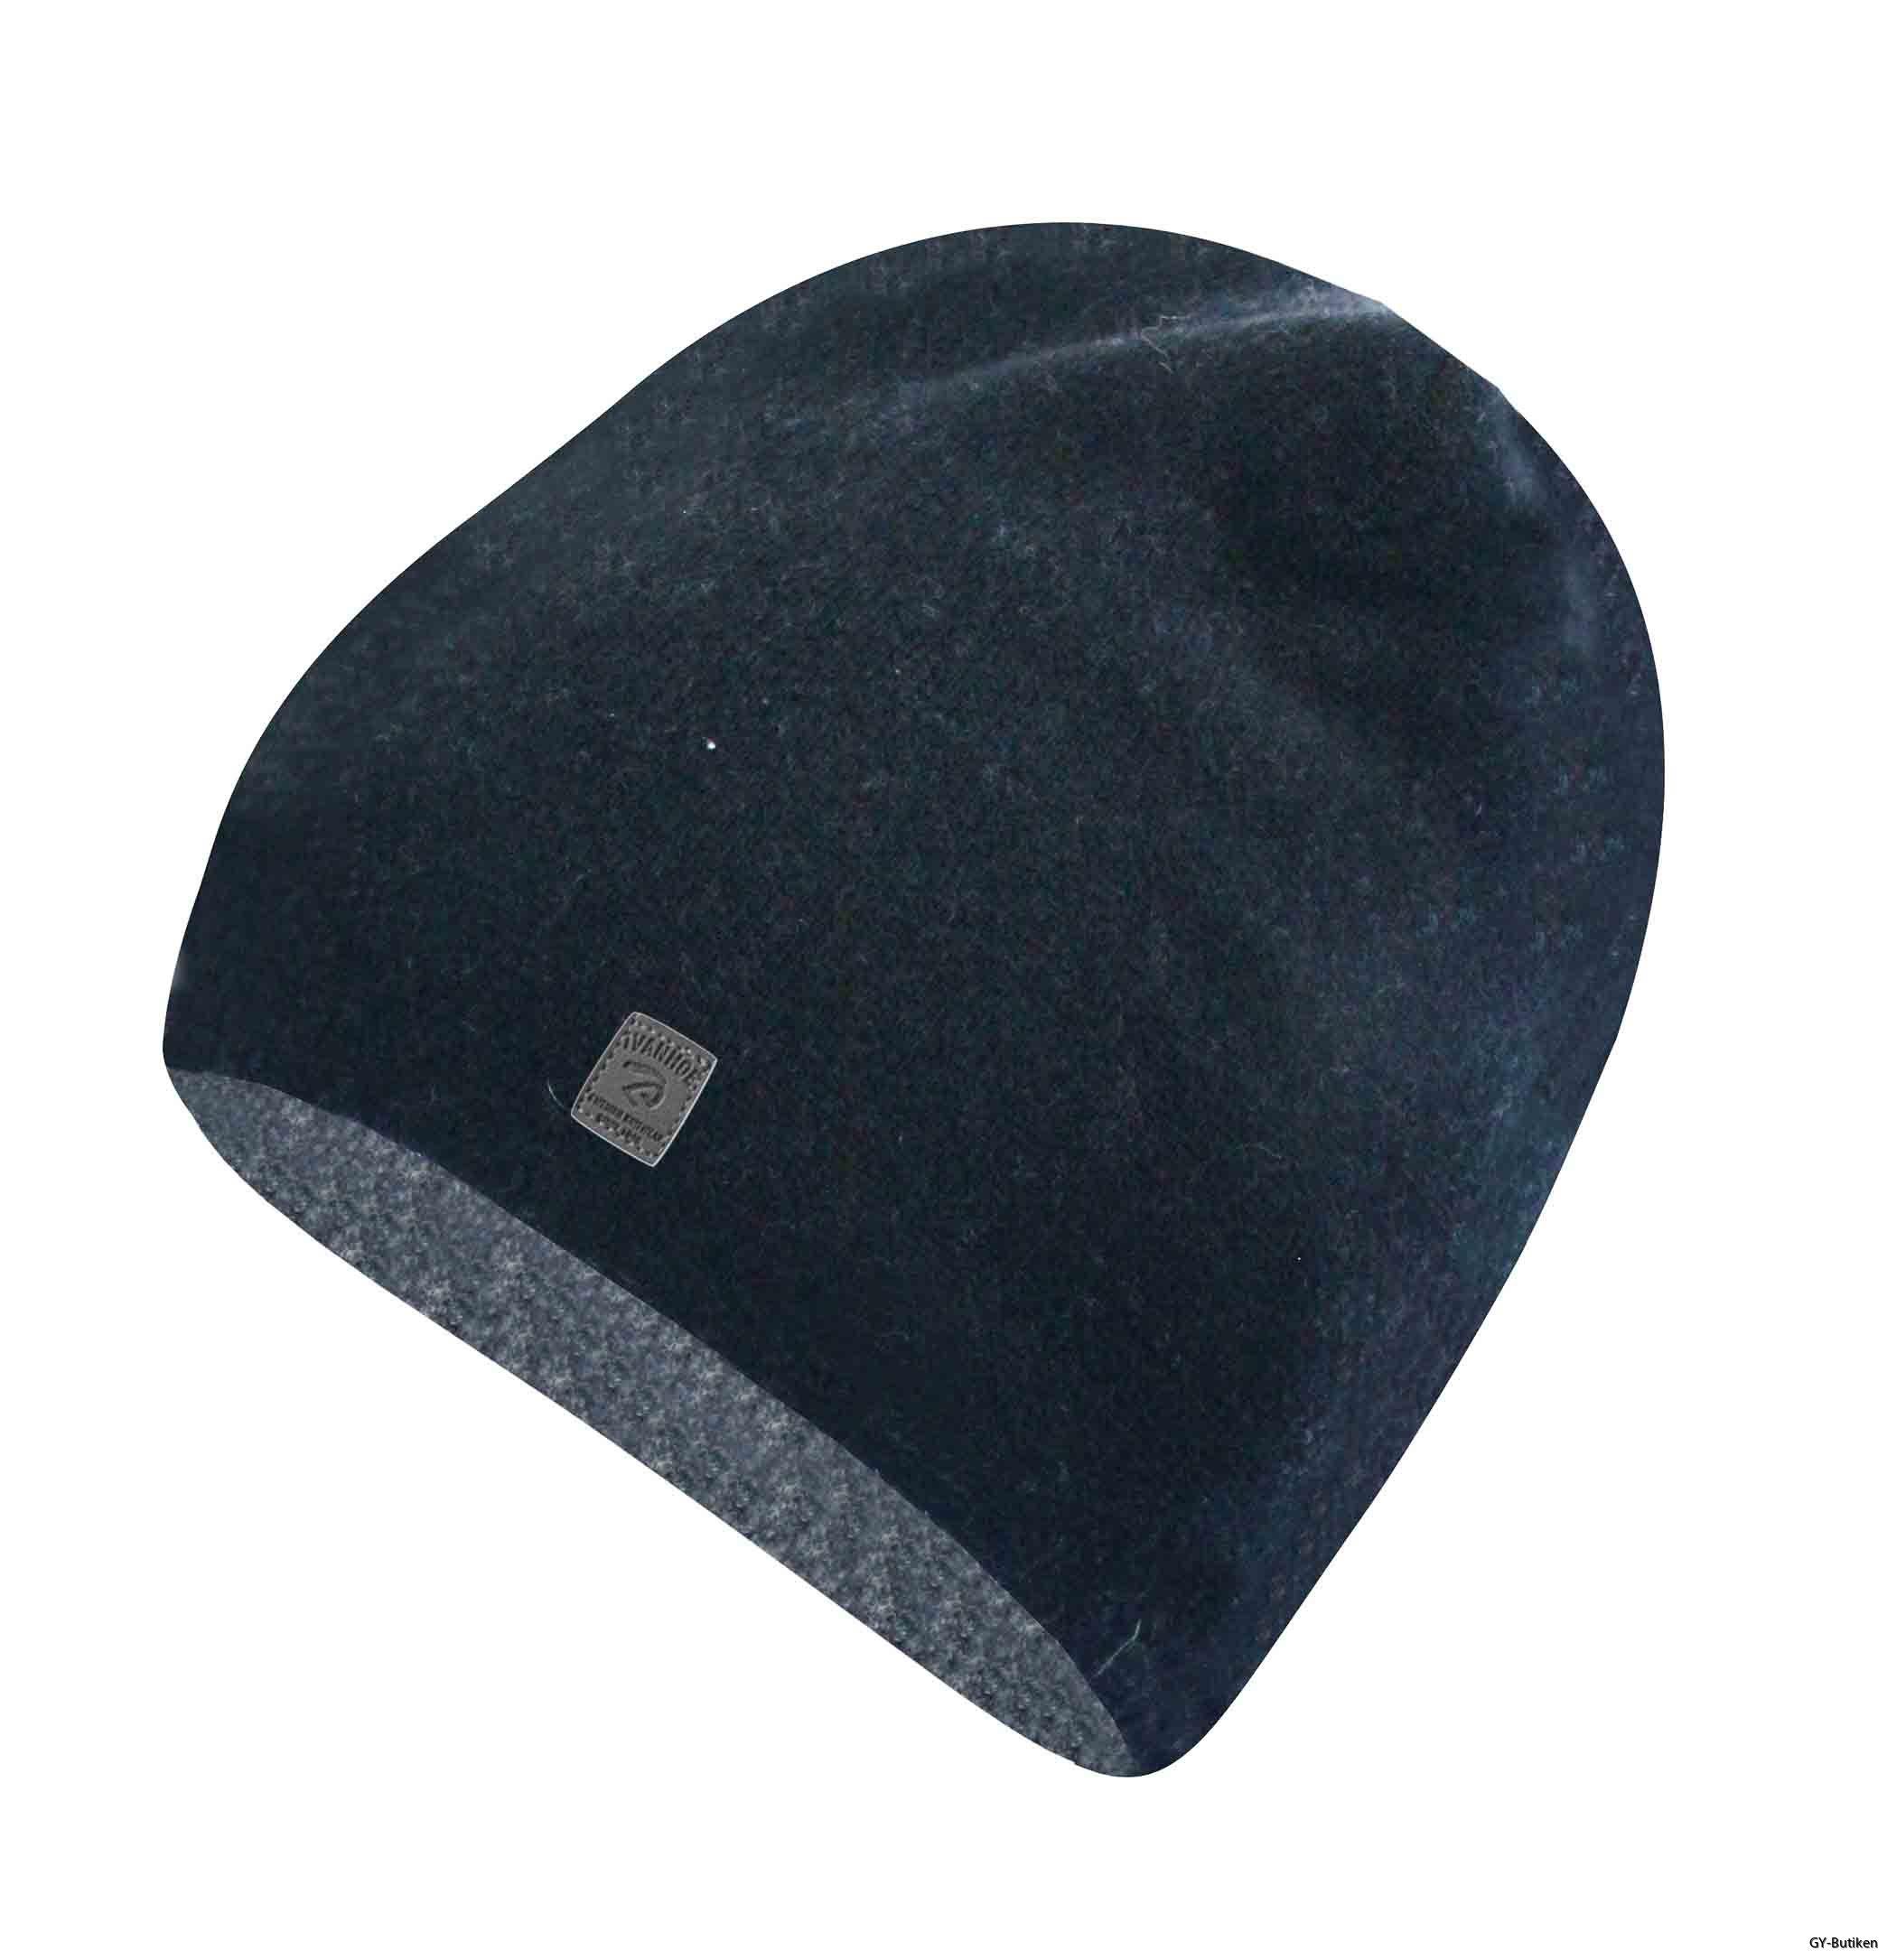 Rock_hat_015